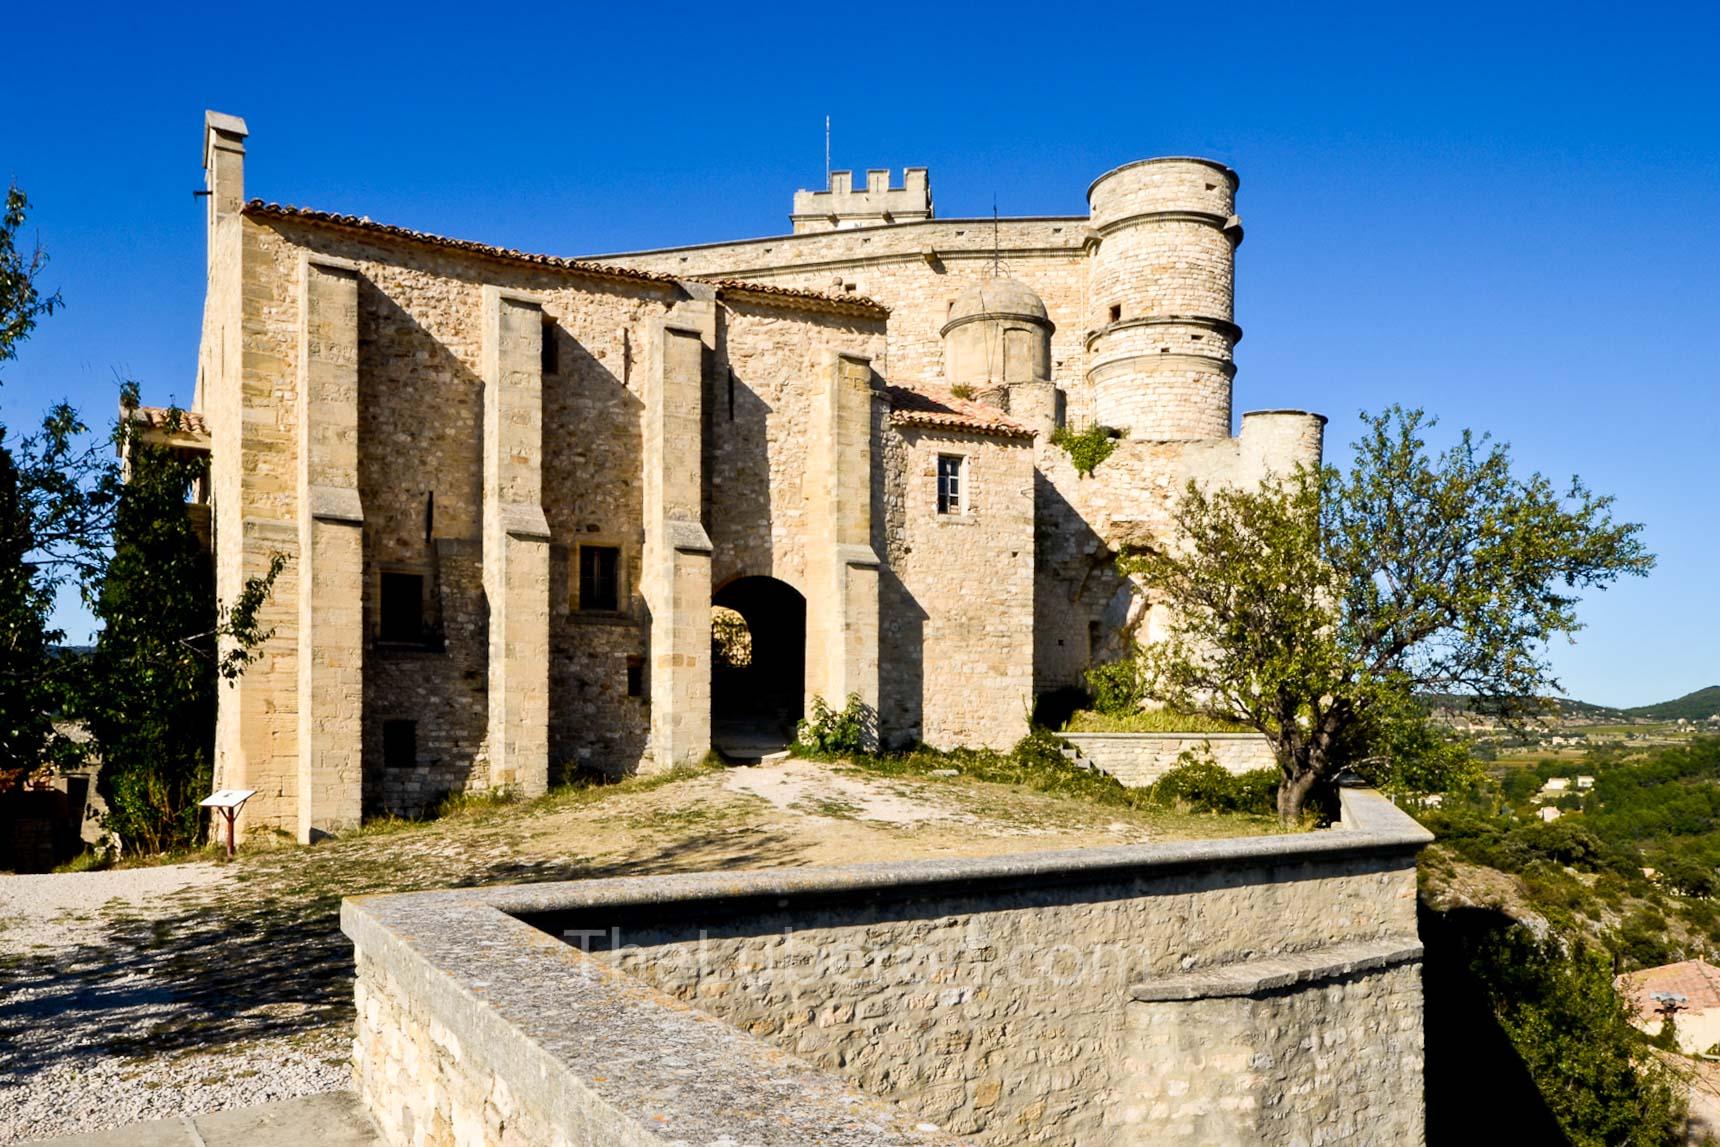 The castle at Le Barroux